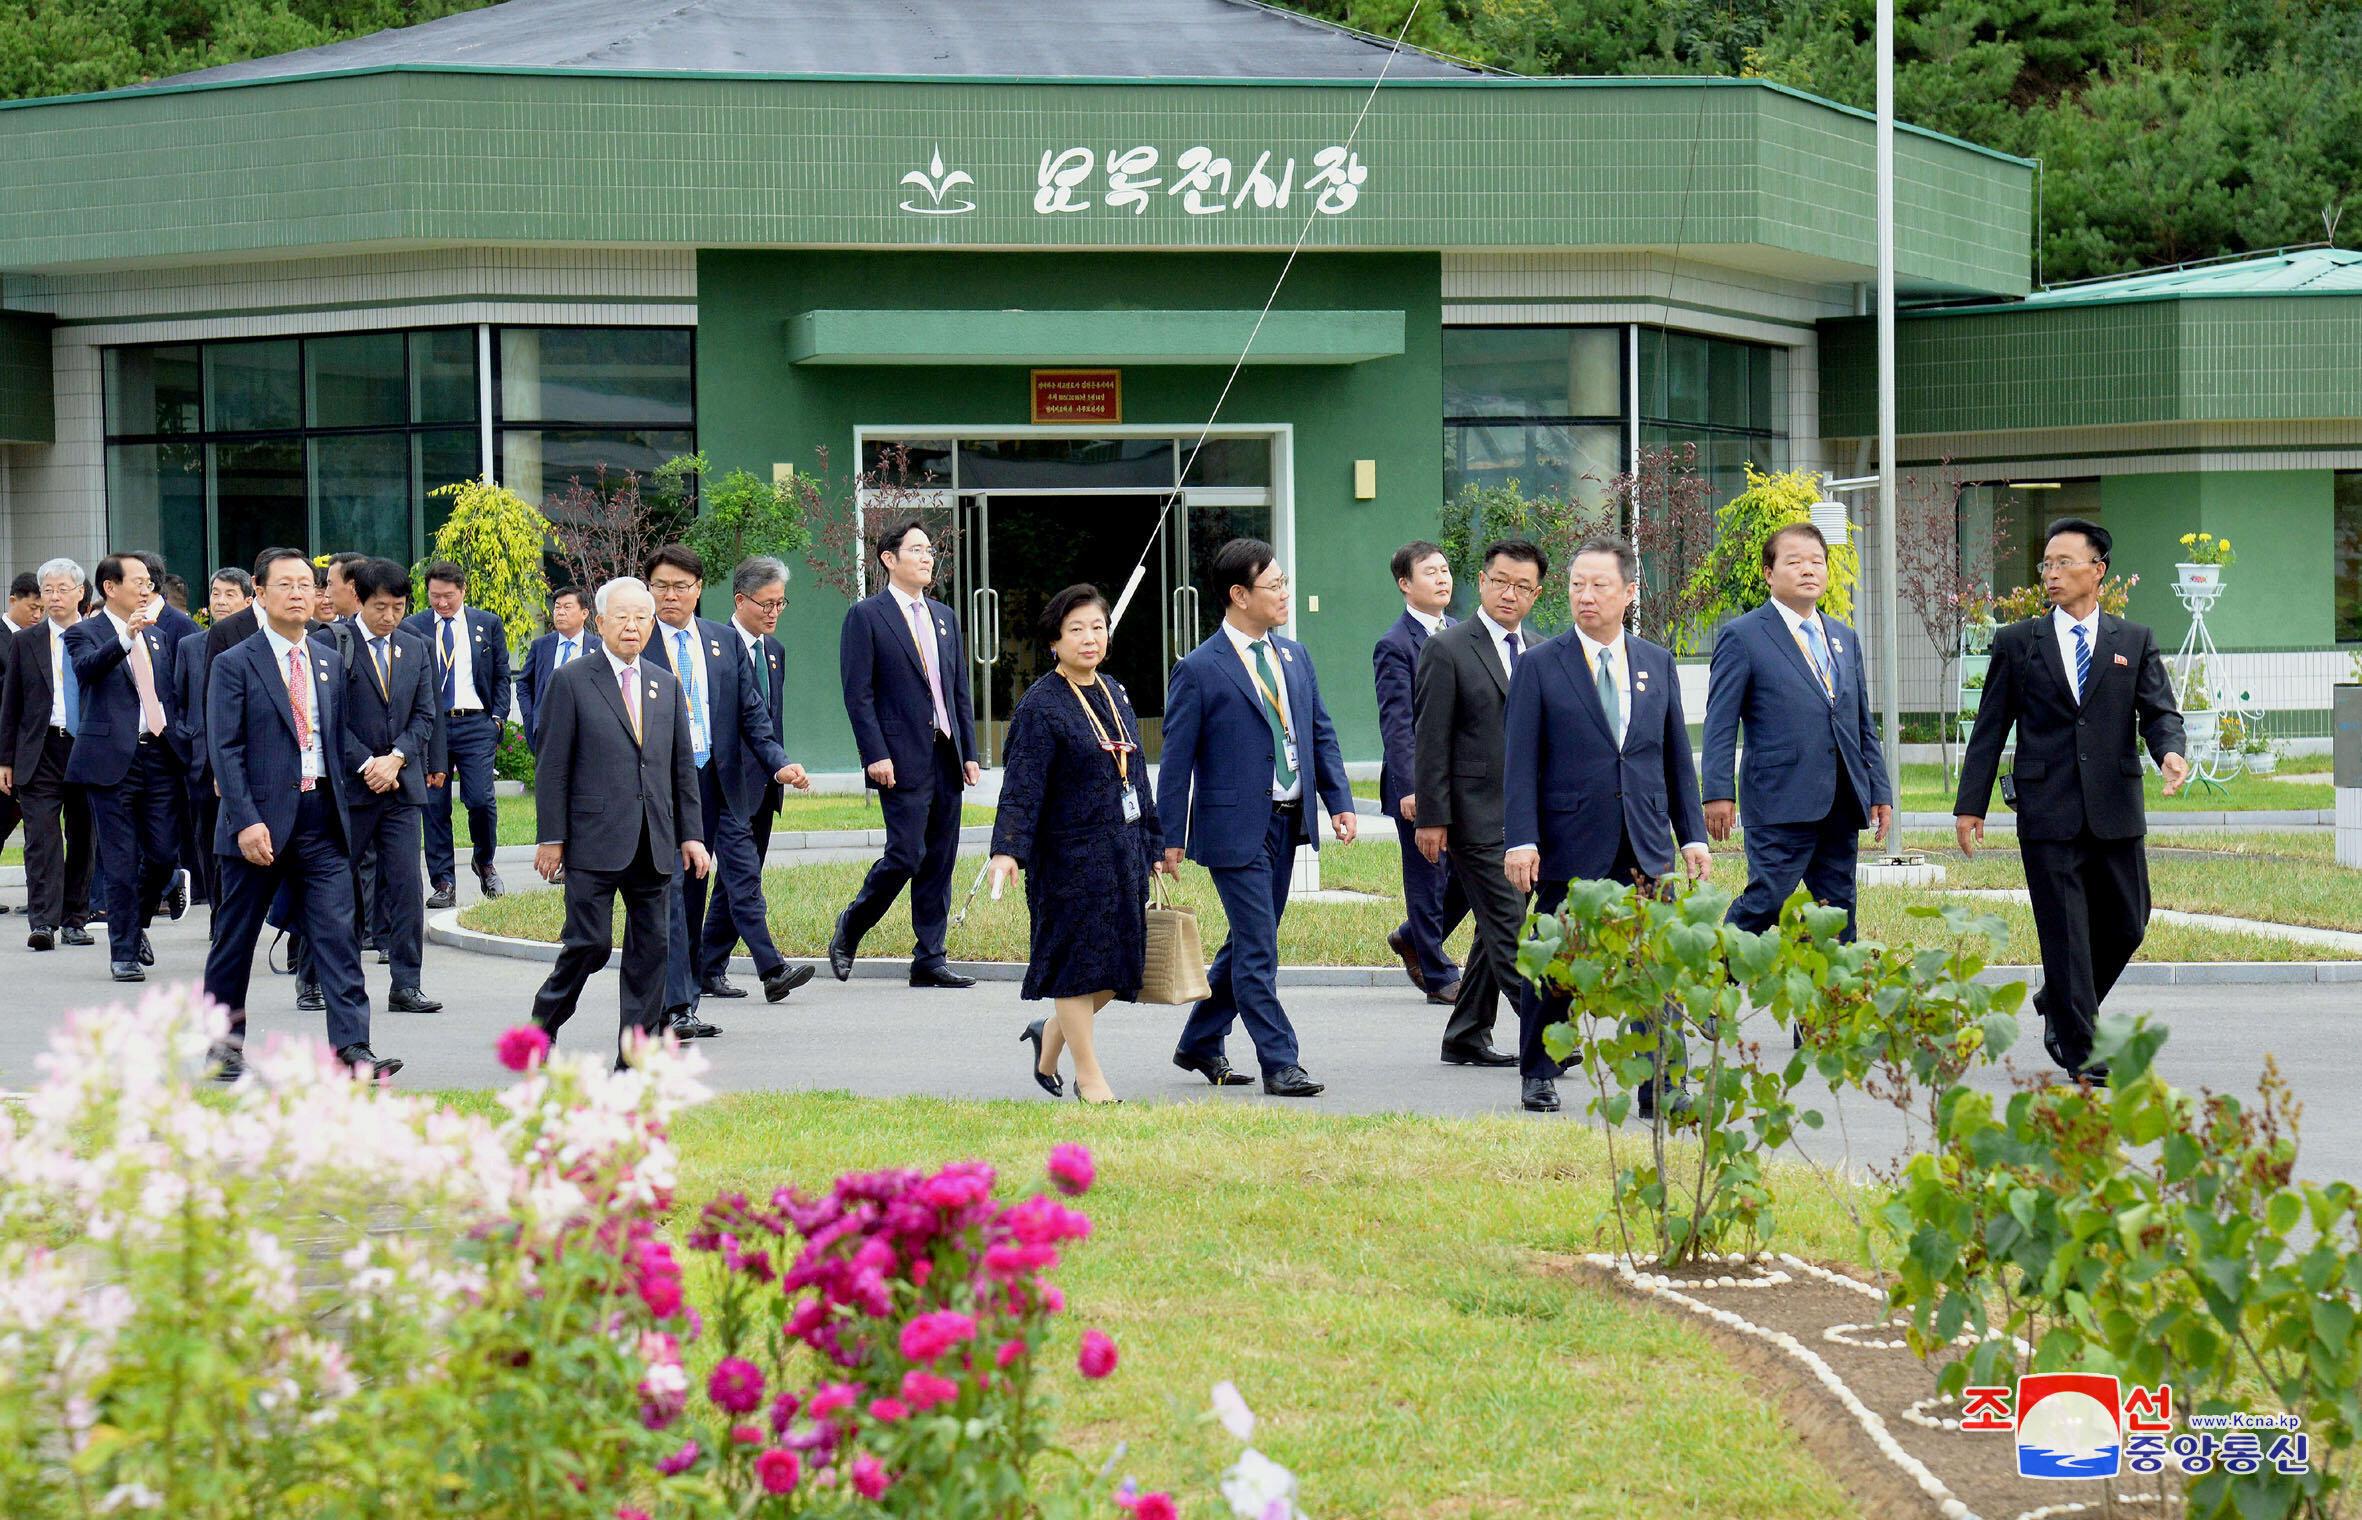 Phái đoàn Hàn Quốc thăm một trường đào tạo giáo viên ở Bình Nhưỡng, Bắc Triều Tiên, ngày 20/09/2018.